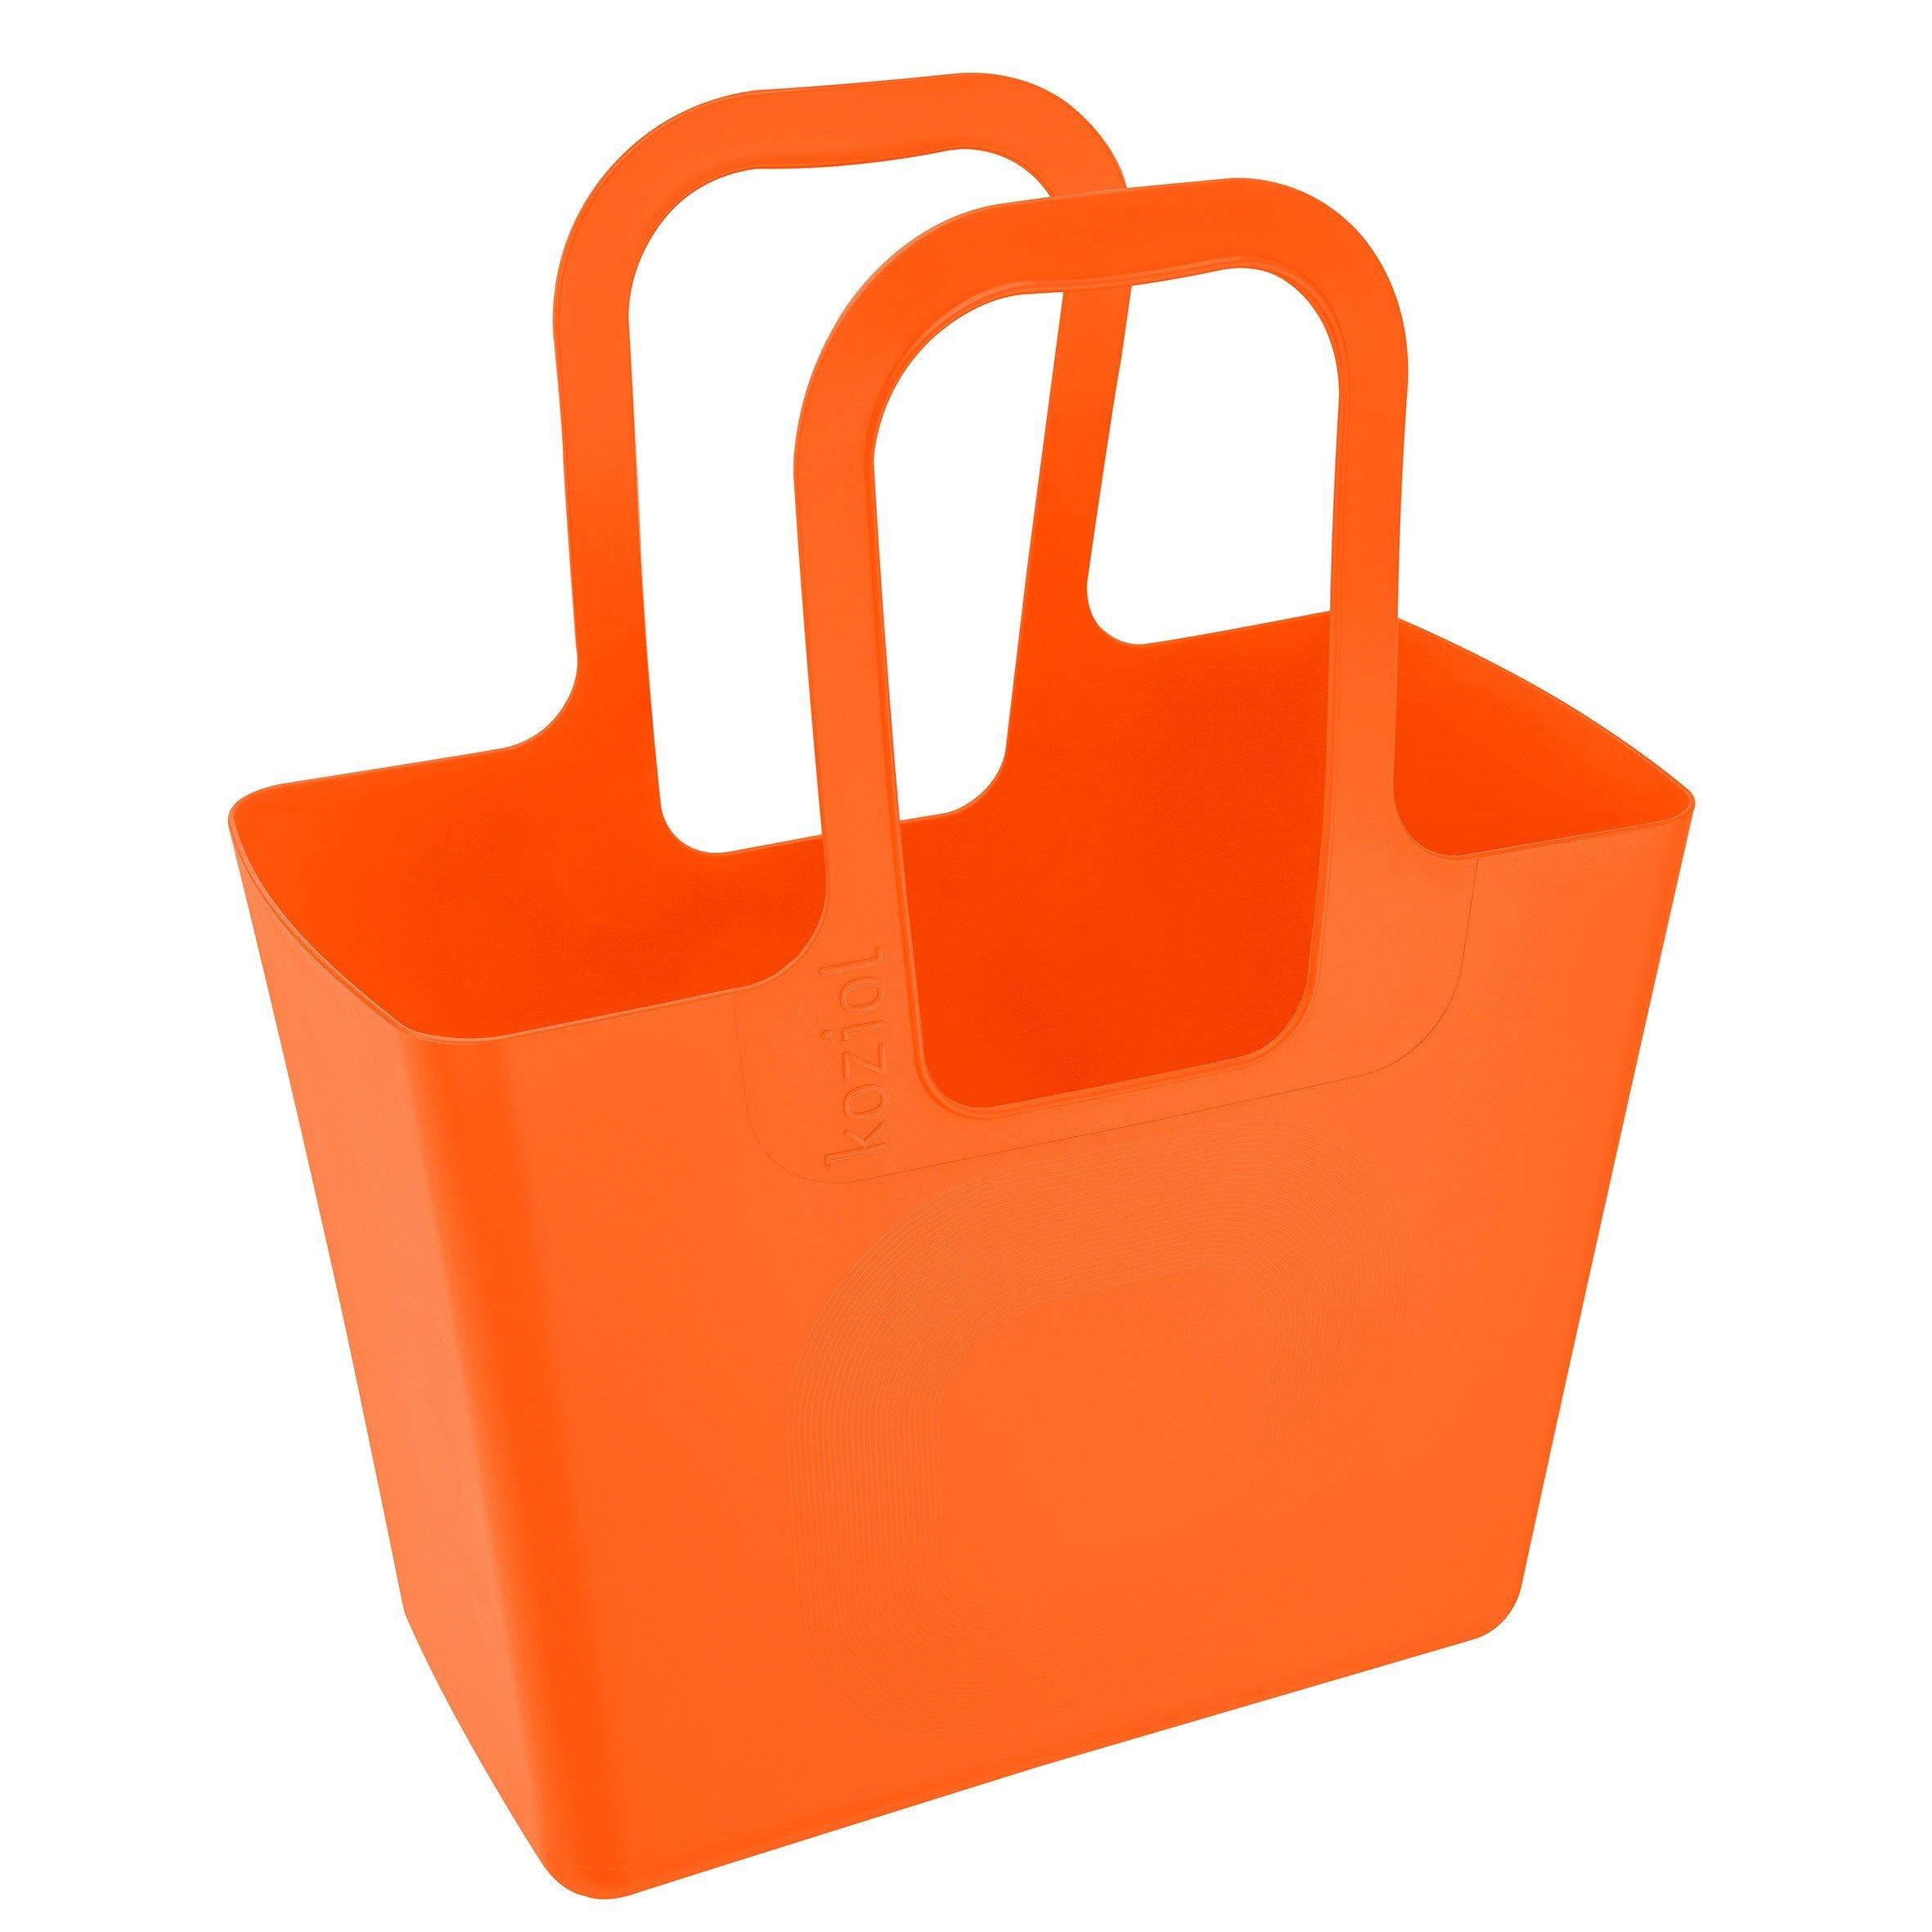 Torba Tasche XL pomarańczowy NEON edycja limitowana